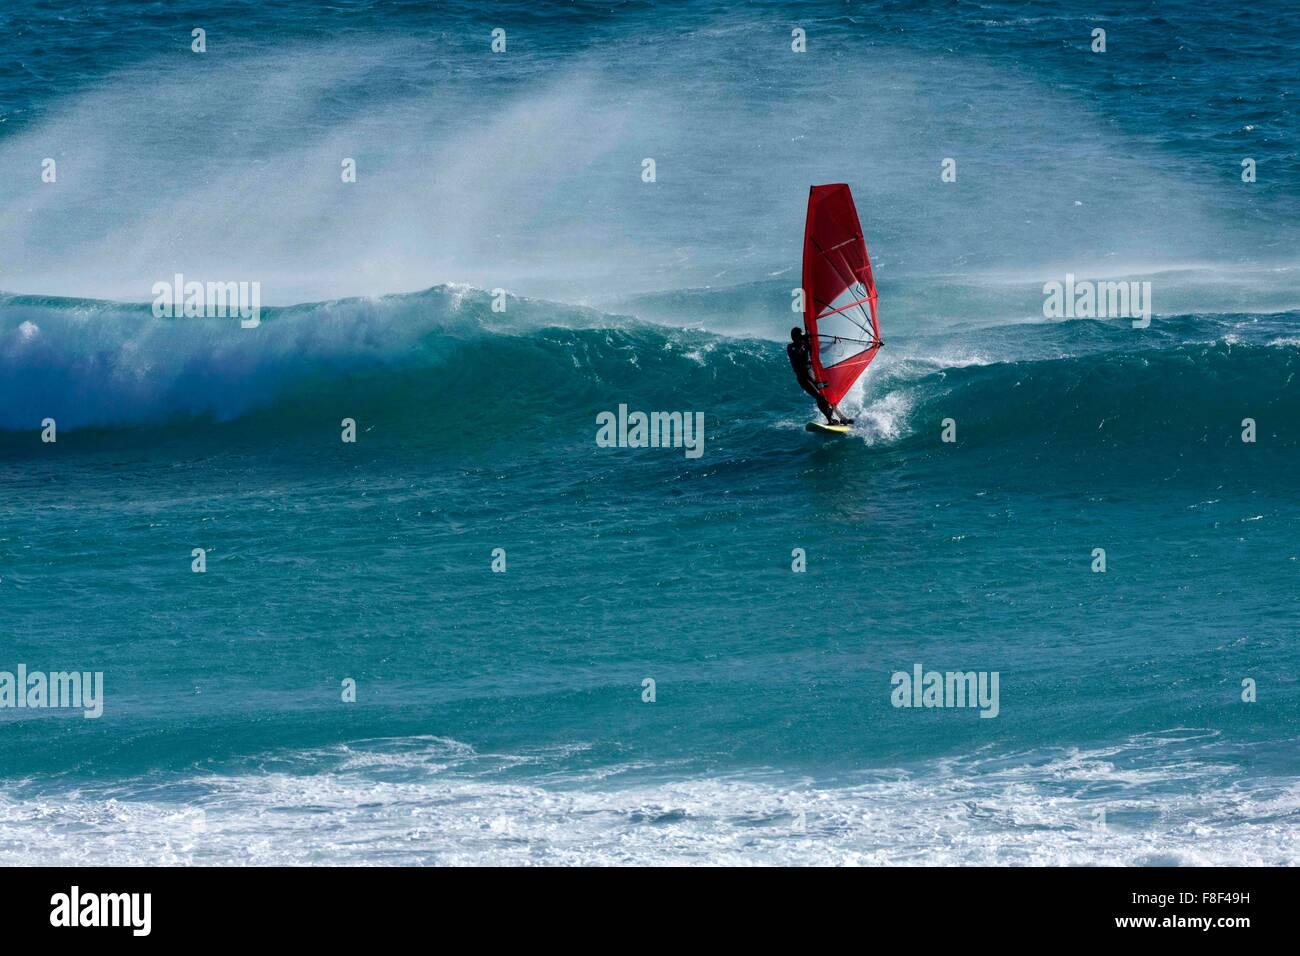 La planche à voile, Esperance Australie Occidentale Photo Stock